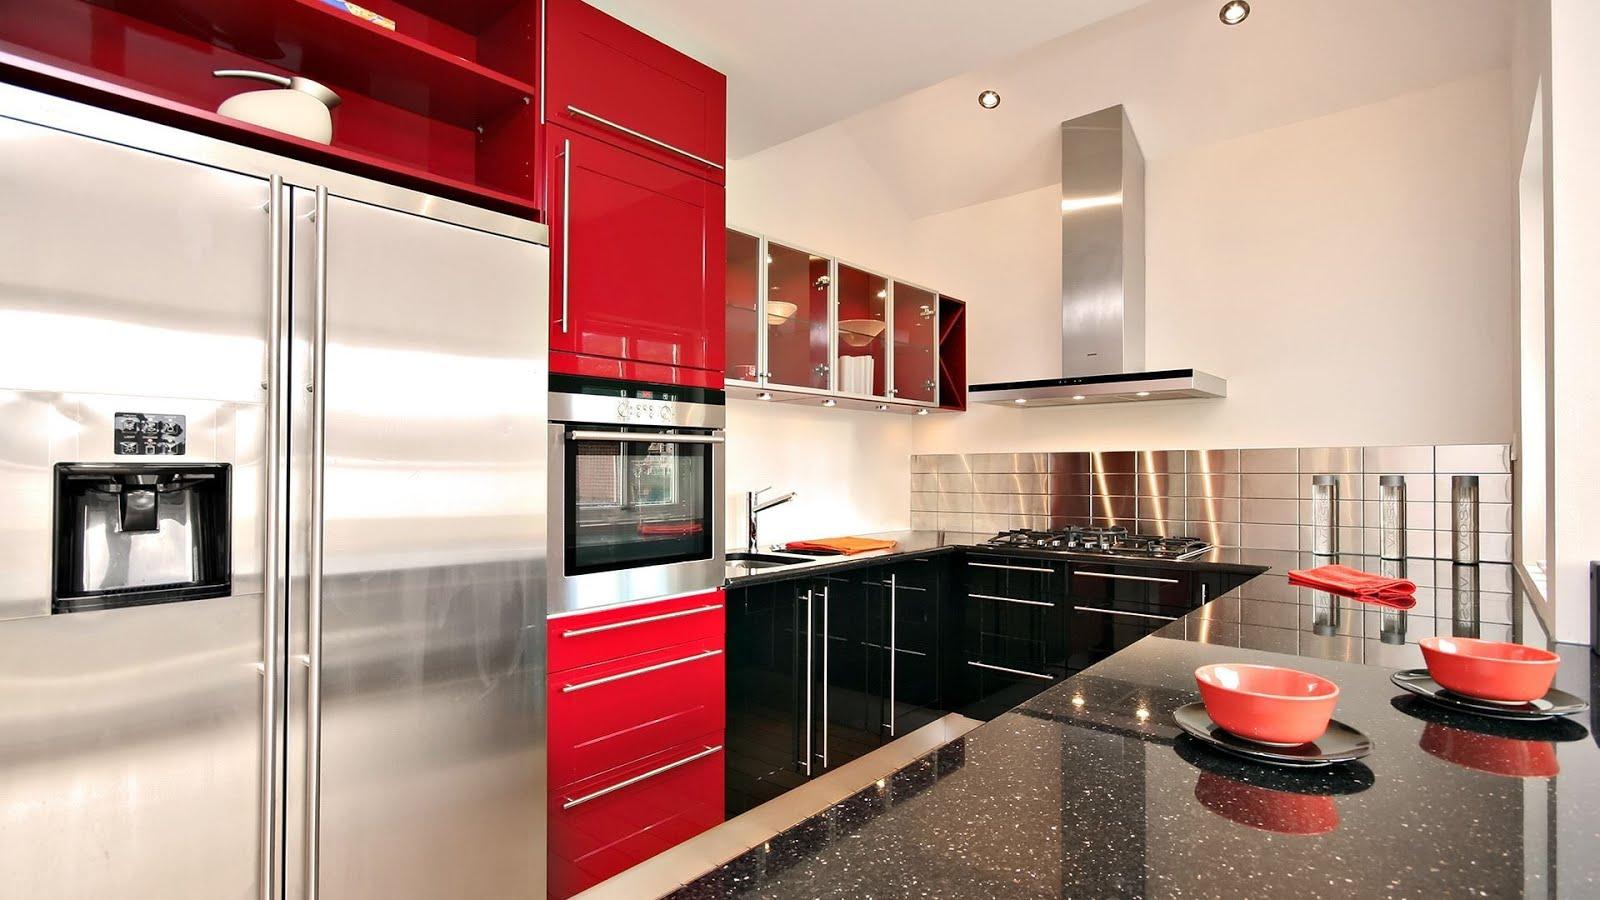 Cozinha Vermelha Contempor Nea E Cheia De Personalidade Blog De